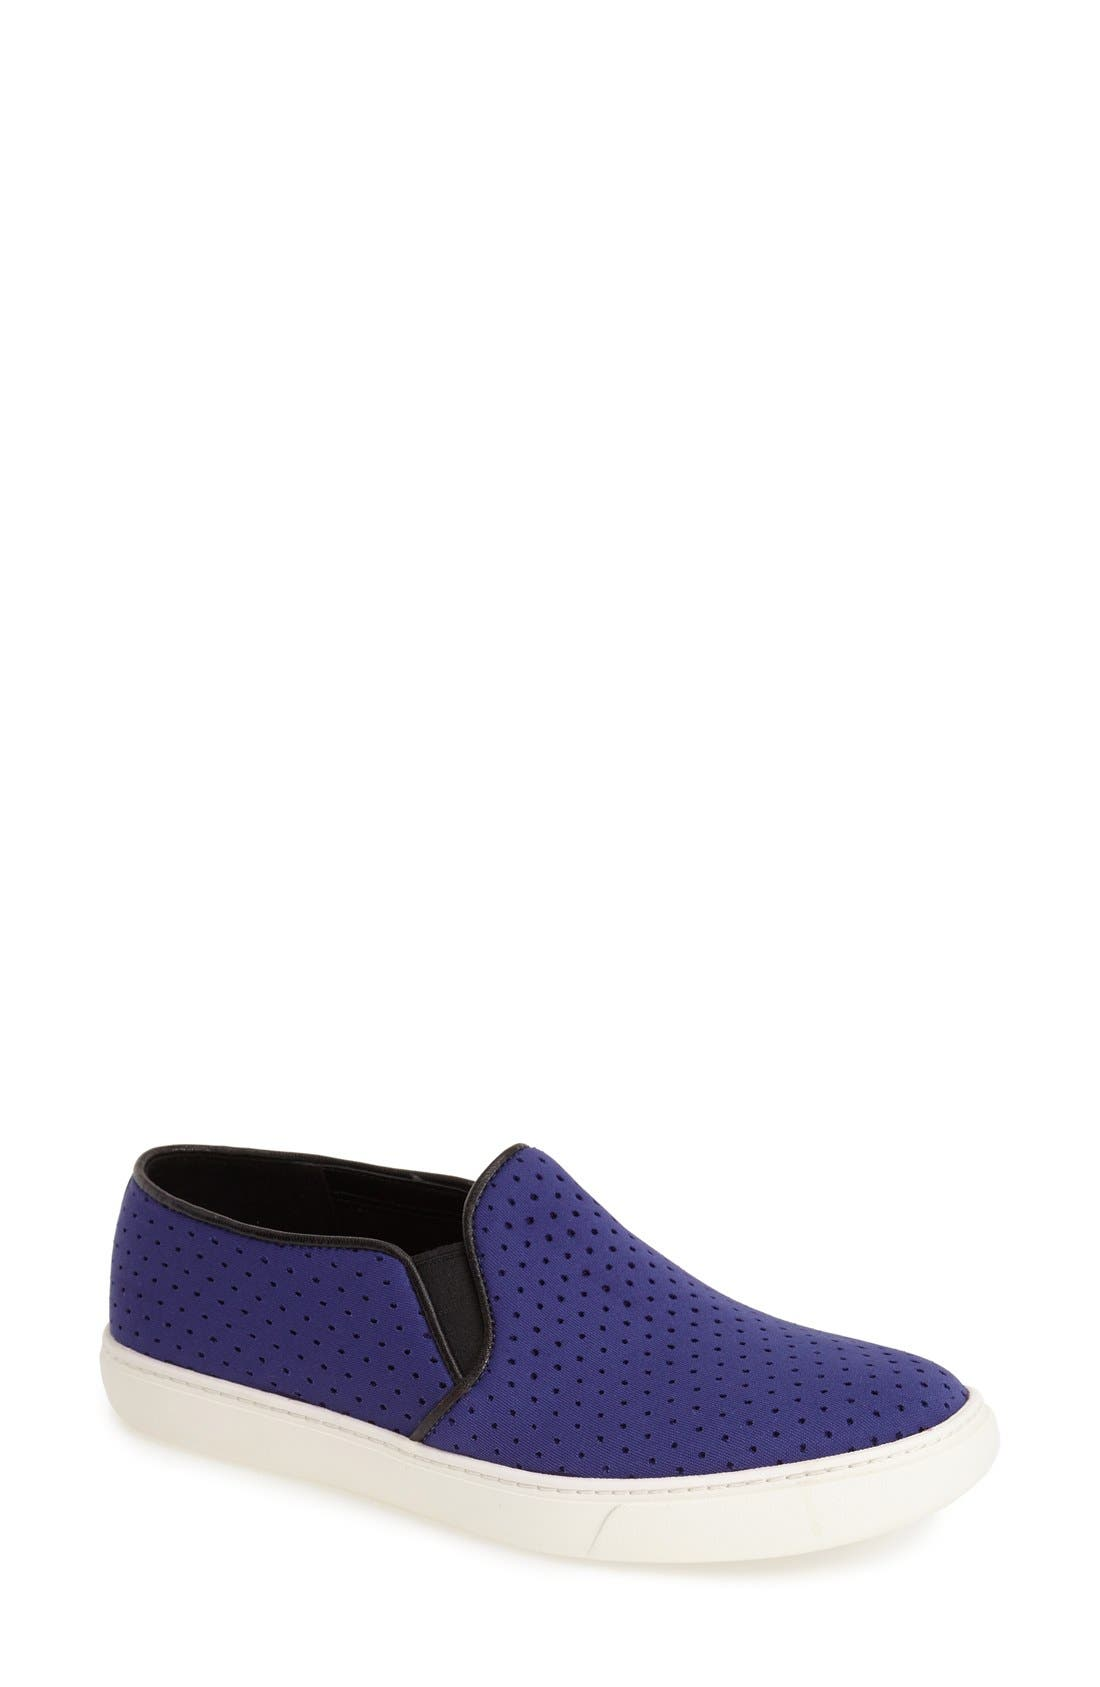 Main Image - Cole Haan 'Bowie' Slip-On Sneaker (Women)